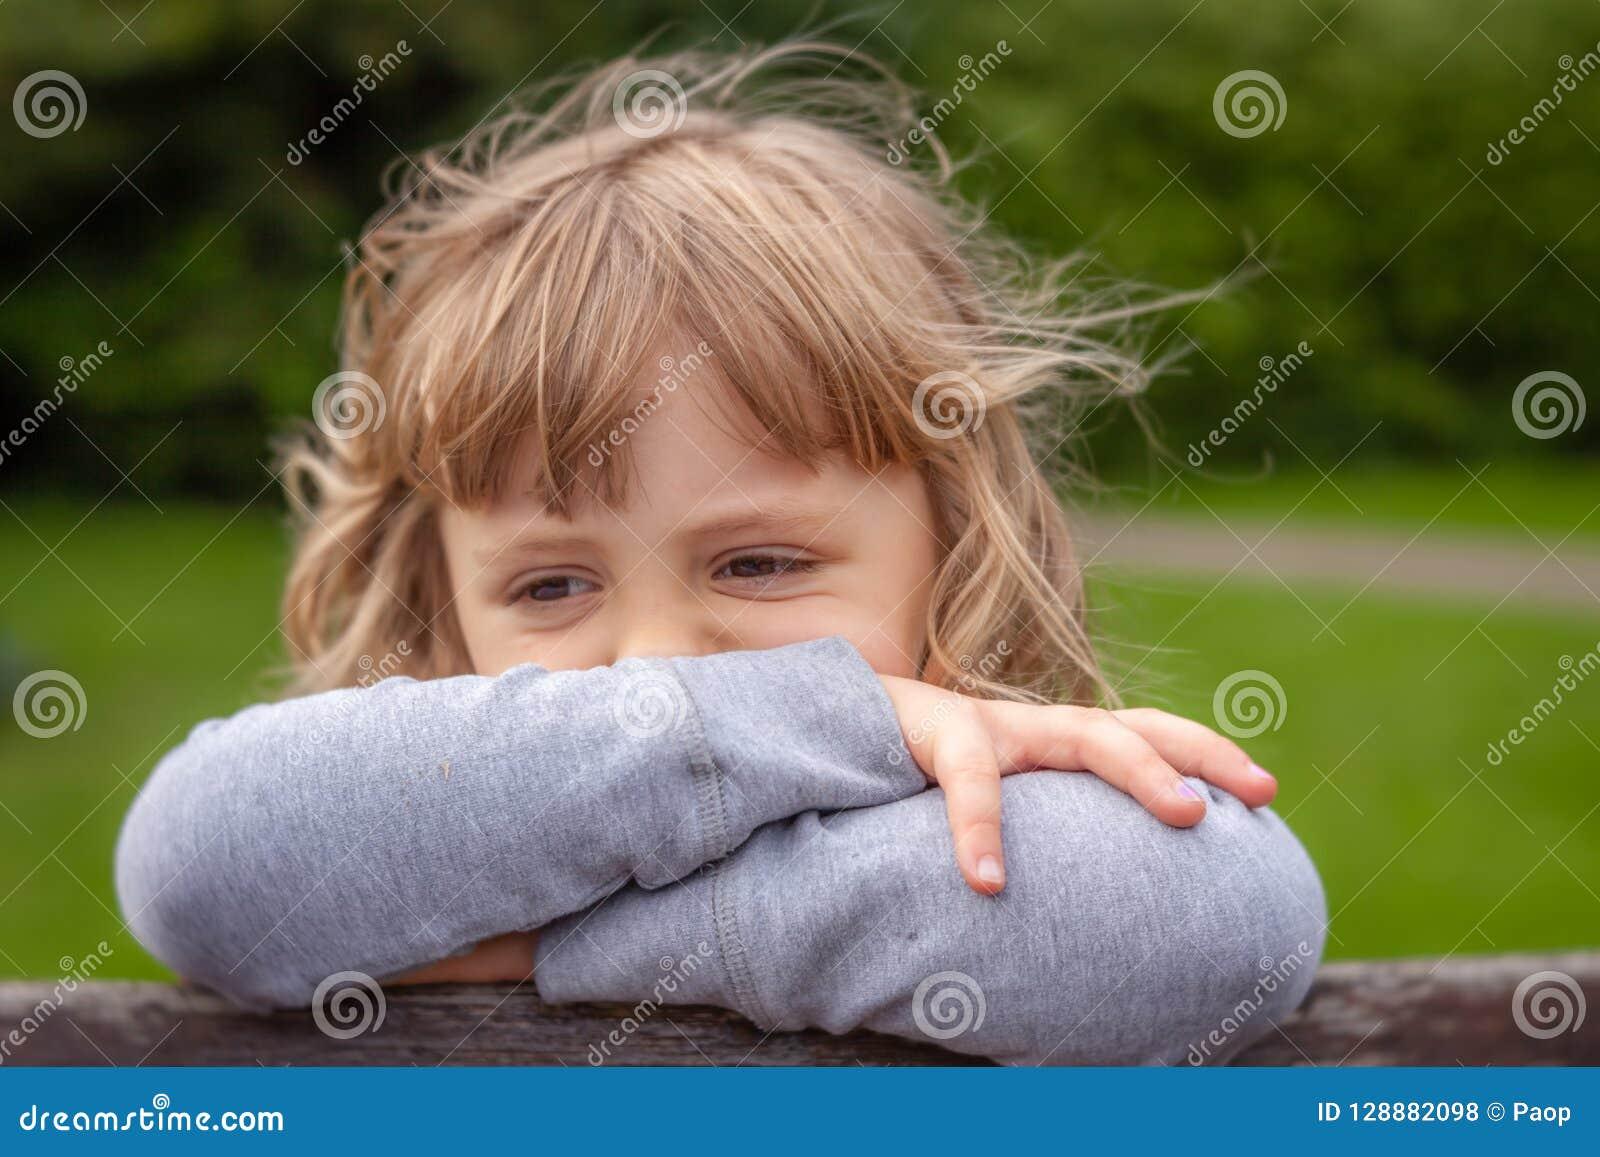 Portrait of a little sad Caucasian girl